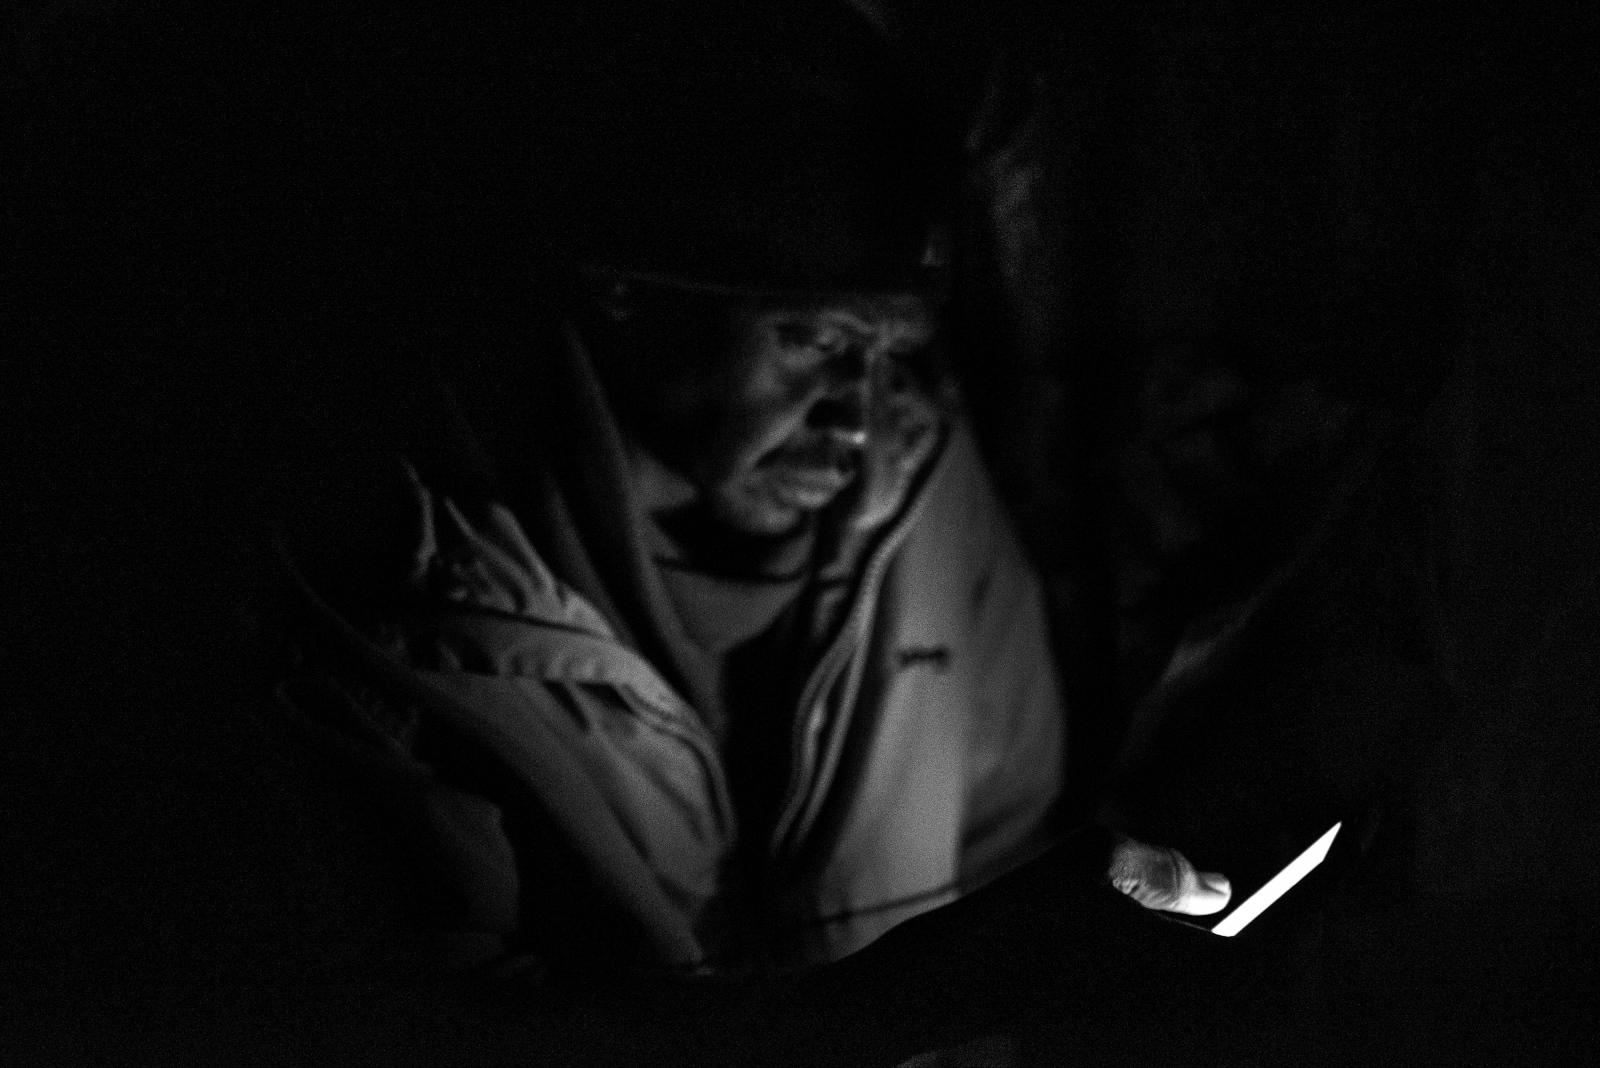 Art and Documentary Photography - Loading The_Zaghawa_of_Sudan_-_Maurizio_Martorana__18.jpg